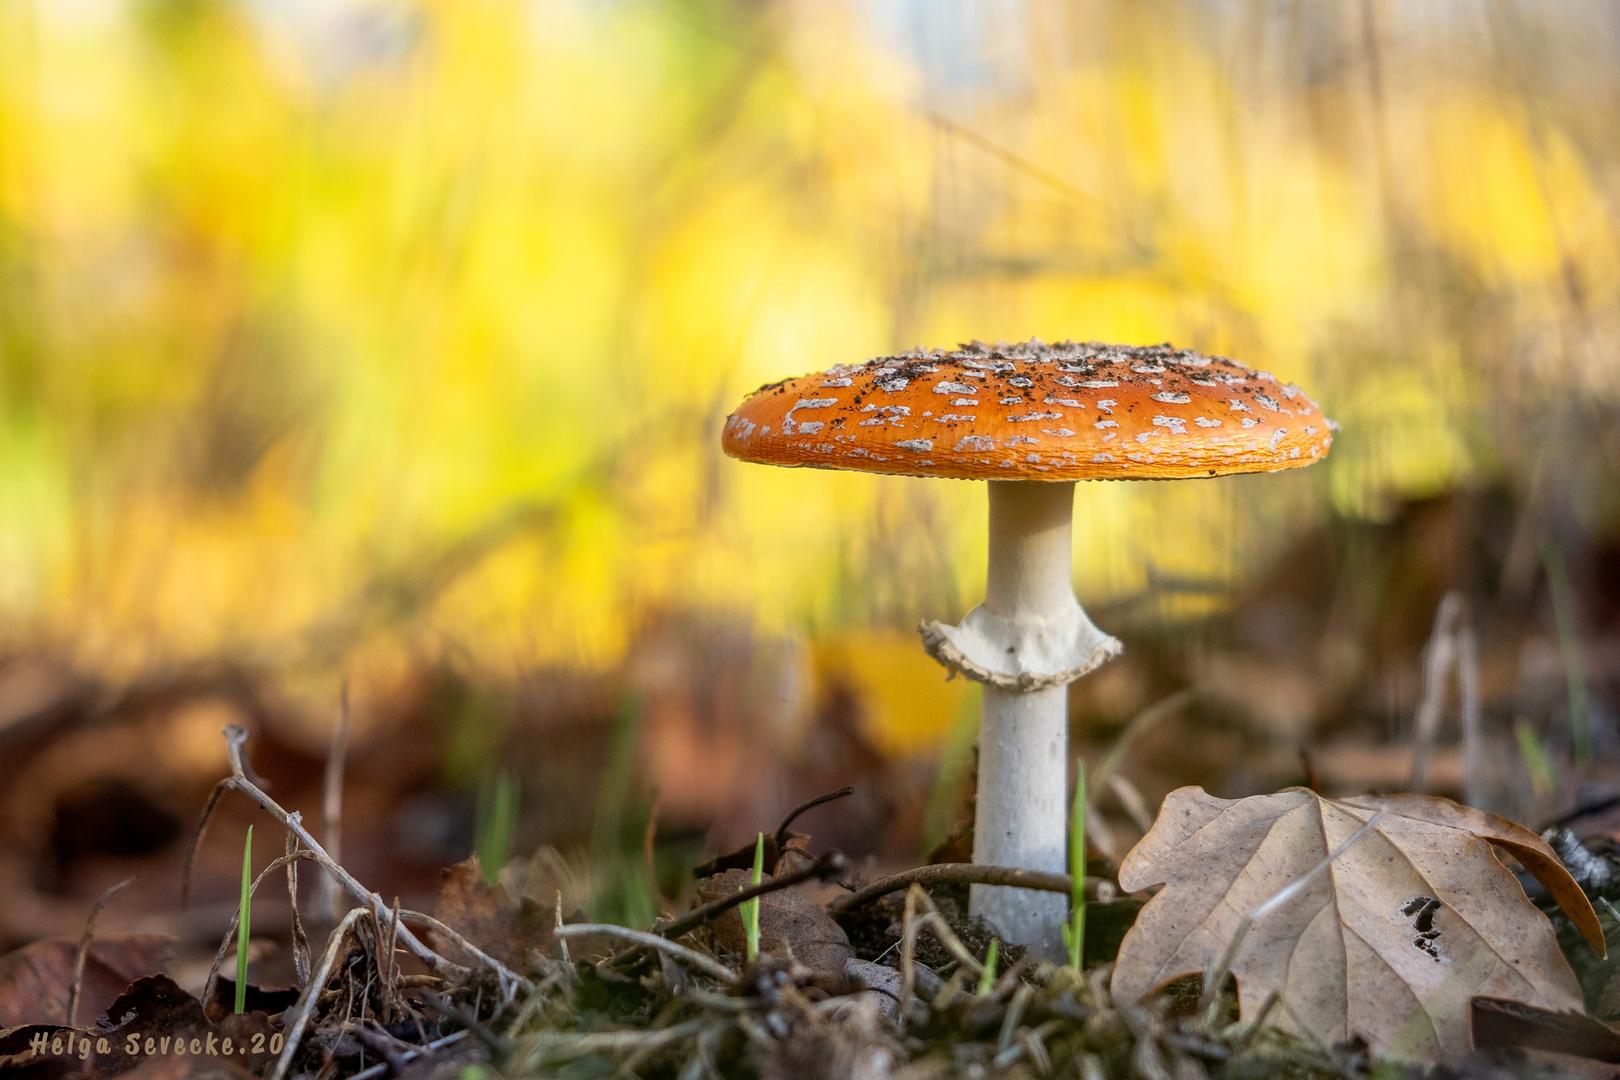 Herbstgrüße aus dem Erdreich#2